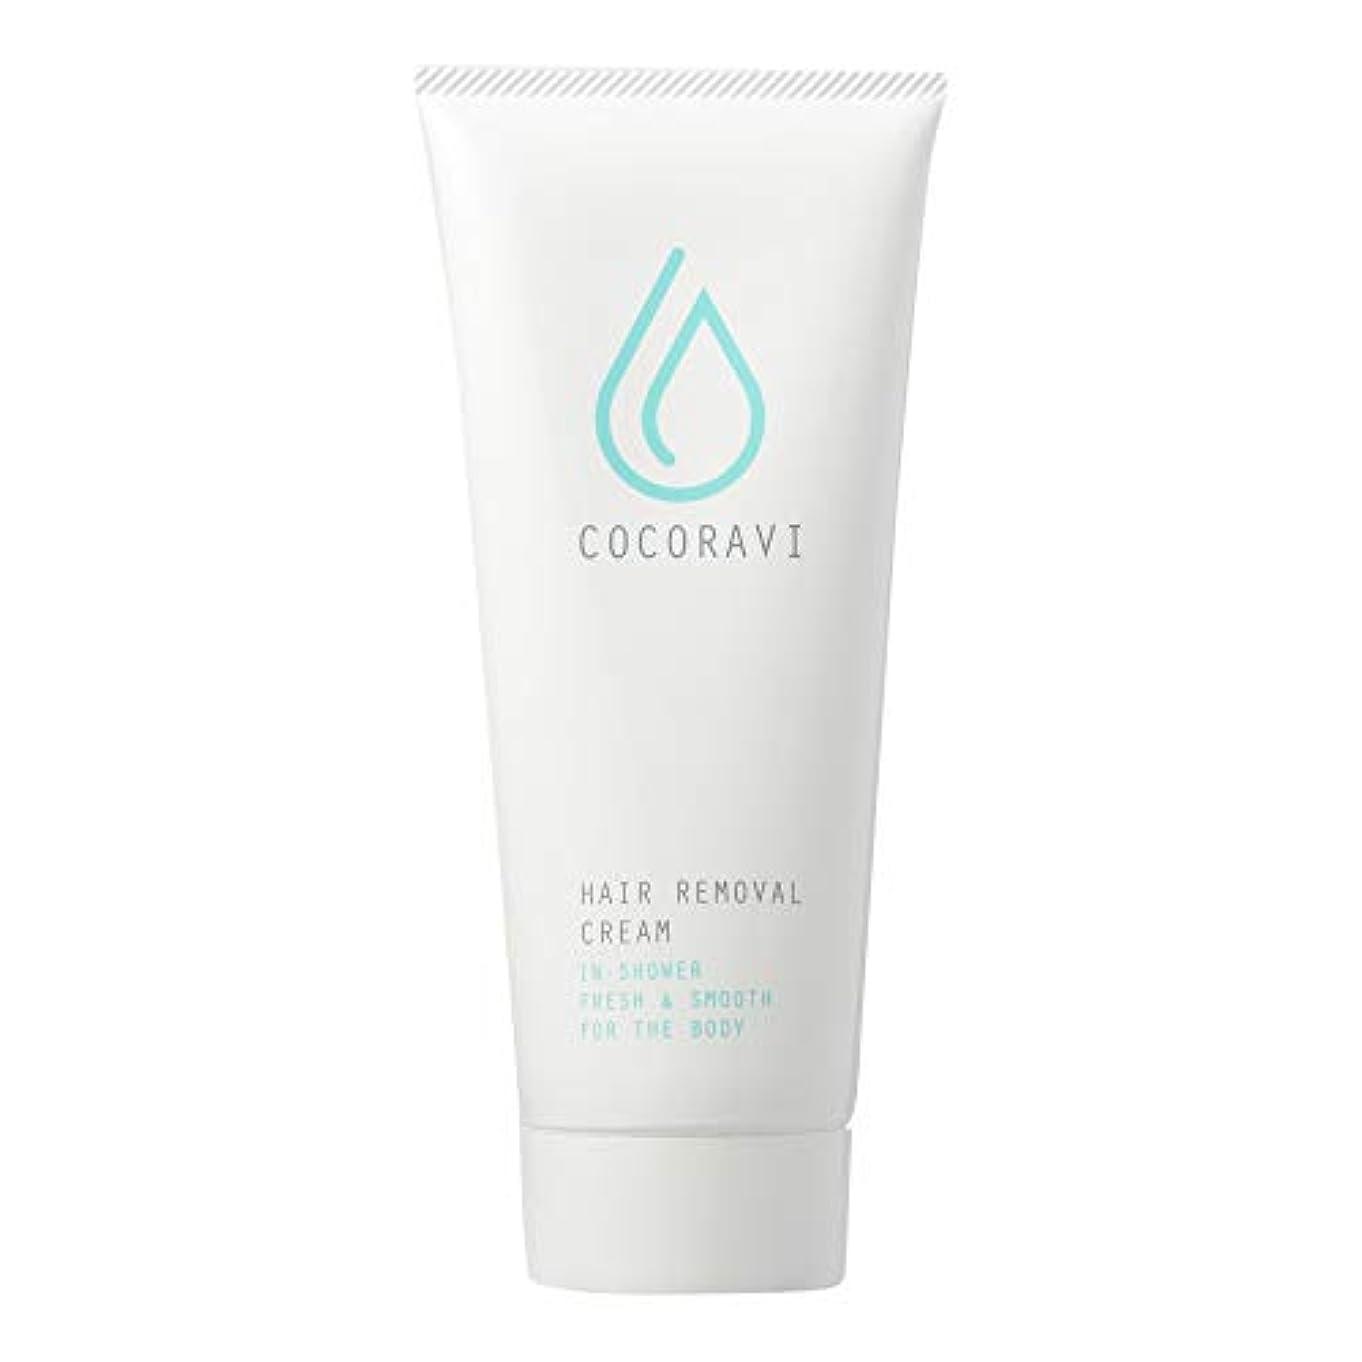 所属姓聴覚障害者COCORAVI Hair Removal Cream (ココラビヘアリムーバークリーム) 除毛クリーム ボディ用 医薬部外品 スキンケア 美容 [内容量200g/説明書付き]